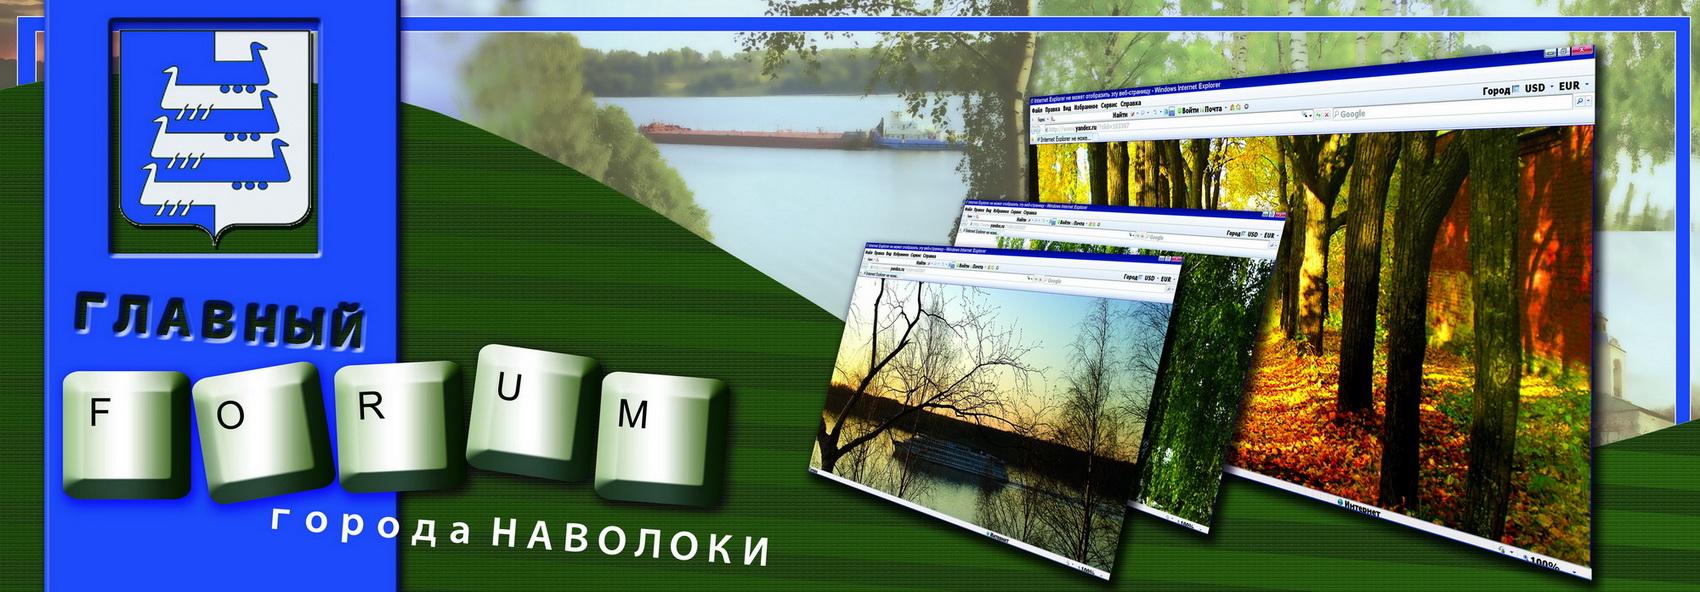 Главный форум города Наволоки